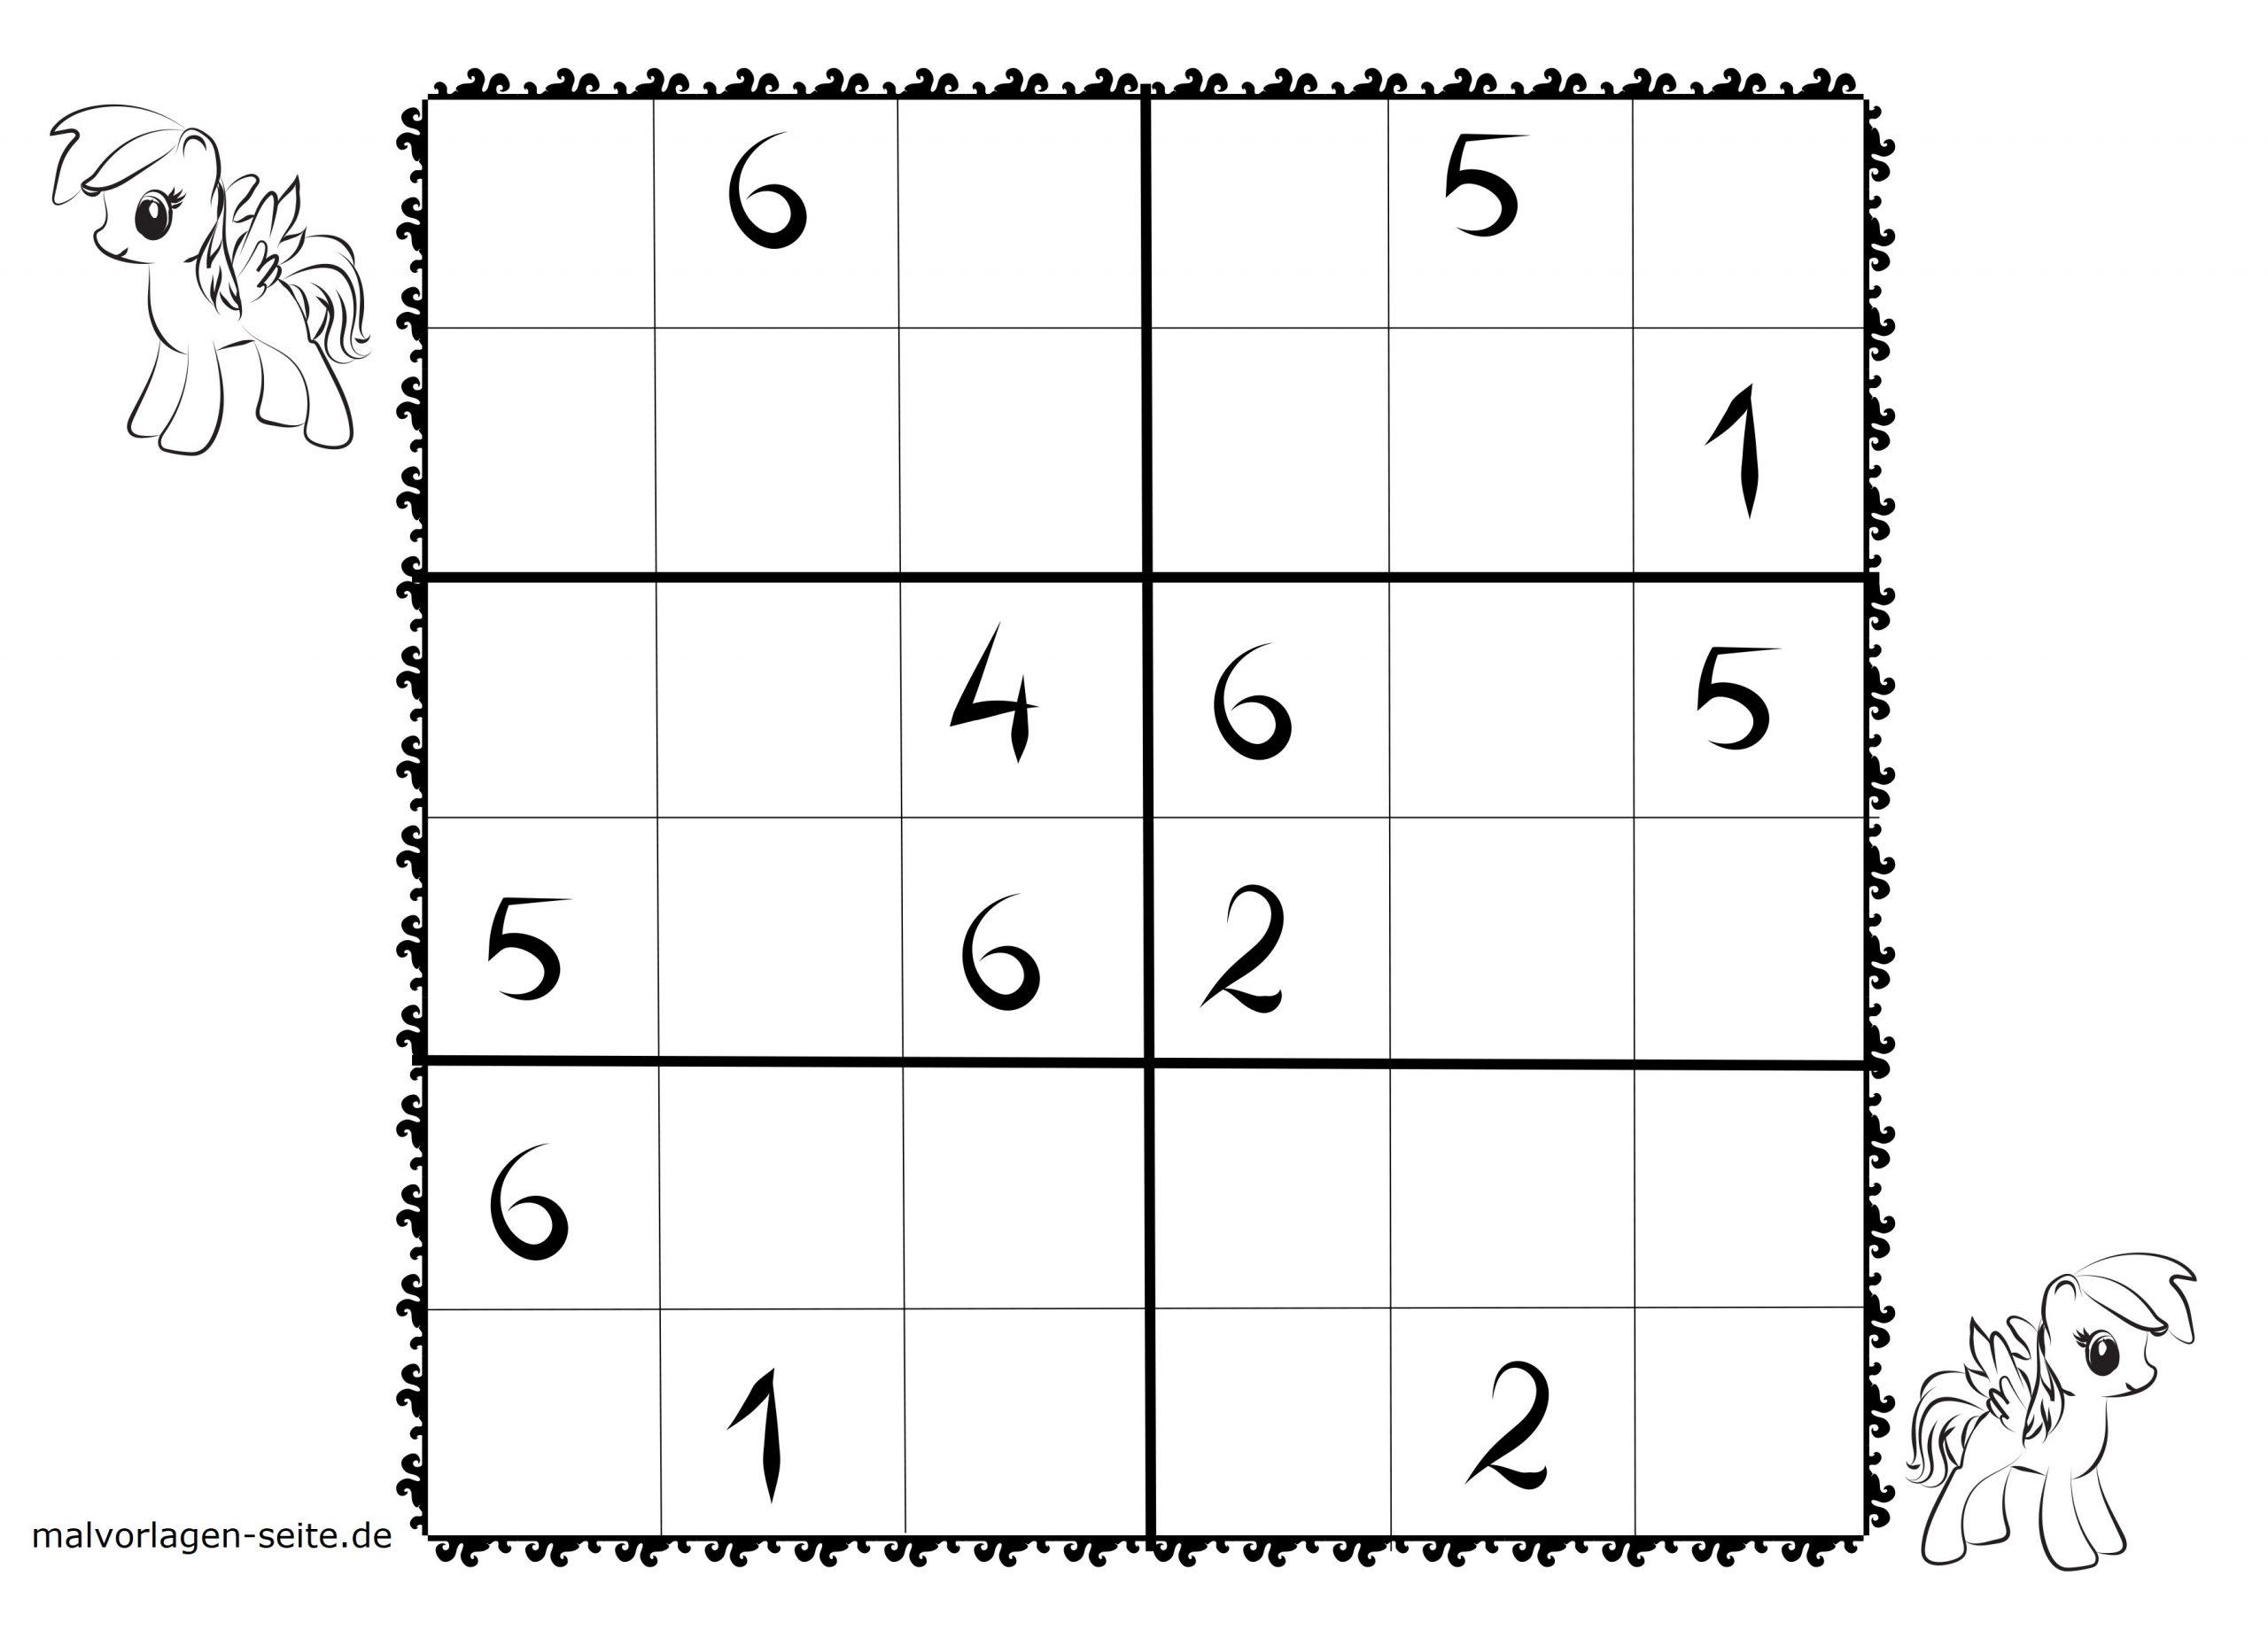 Sudoku Vorlagen Für Kinder 6X6 Kostenlos Herunterladen Und innen Sudoku Kostenlos Drucken Schwer